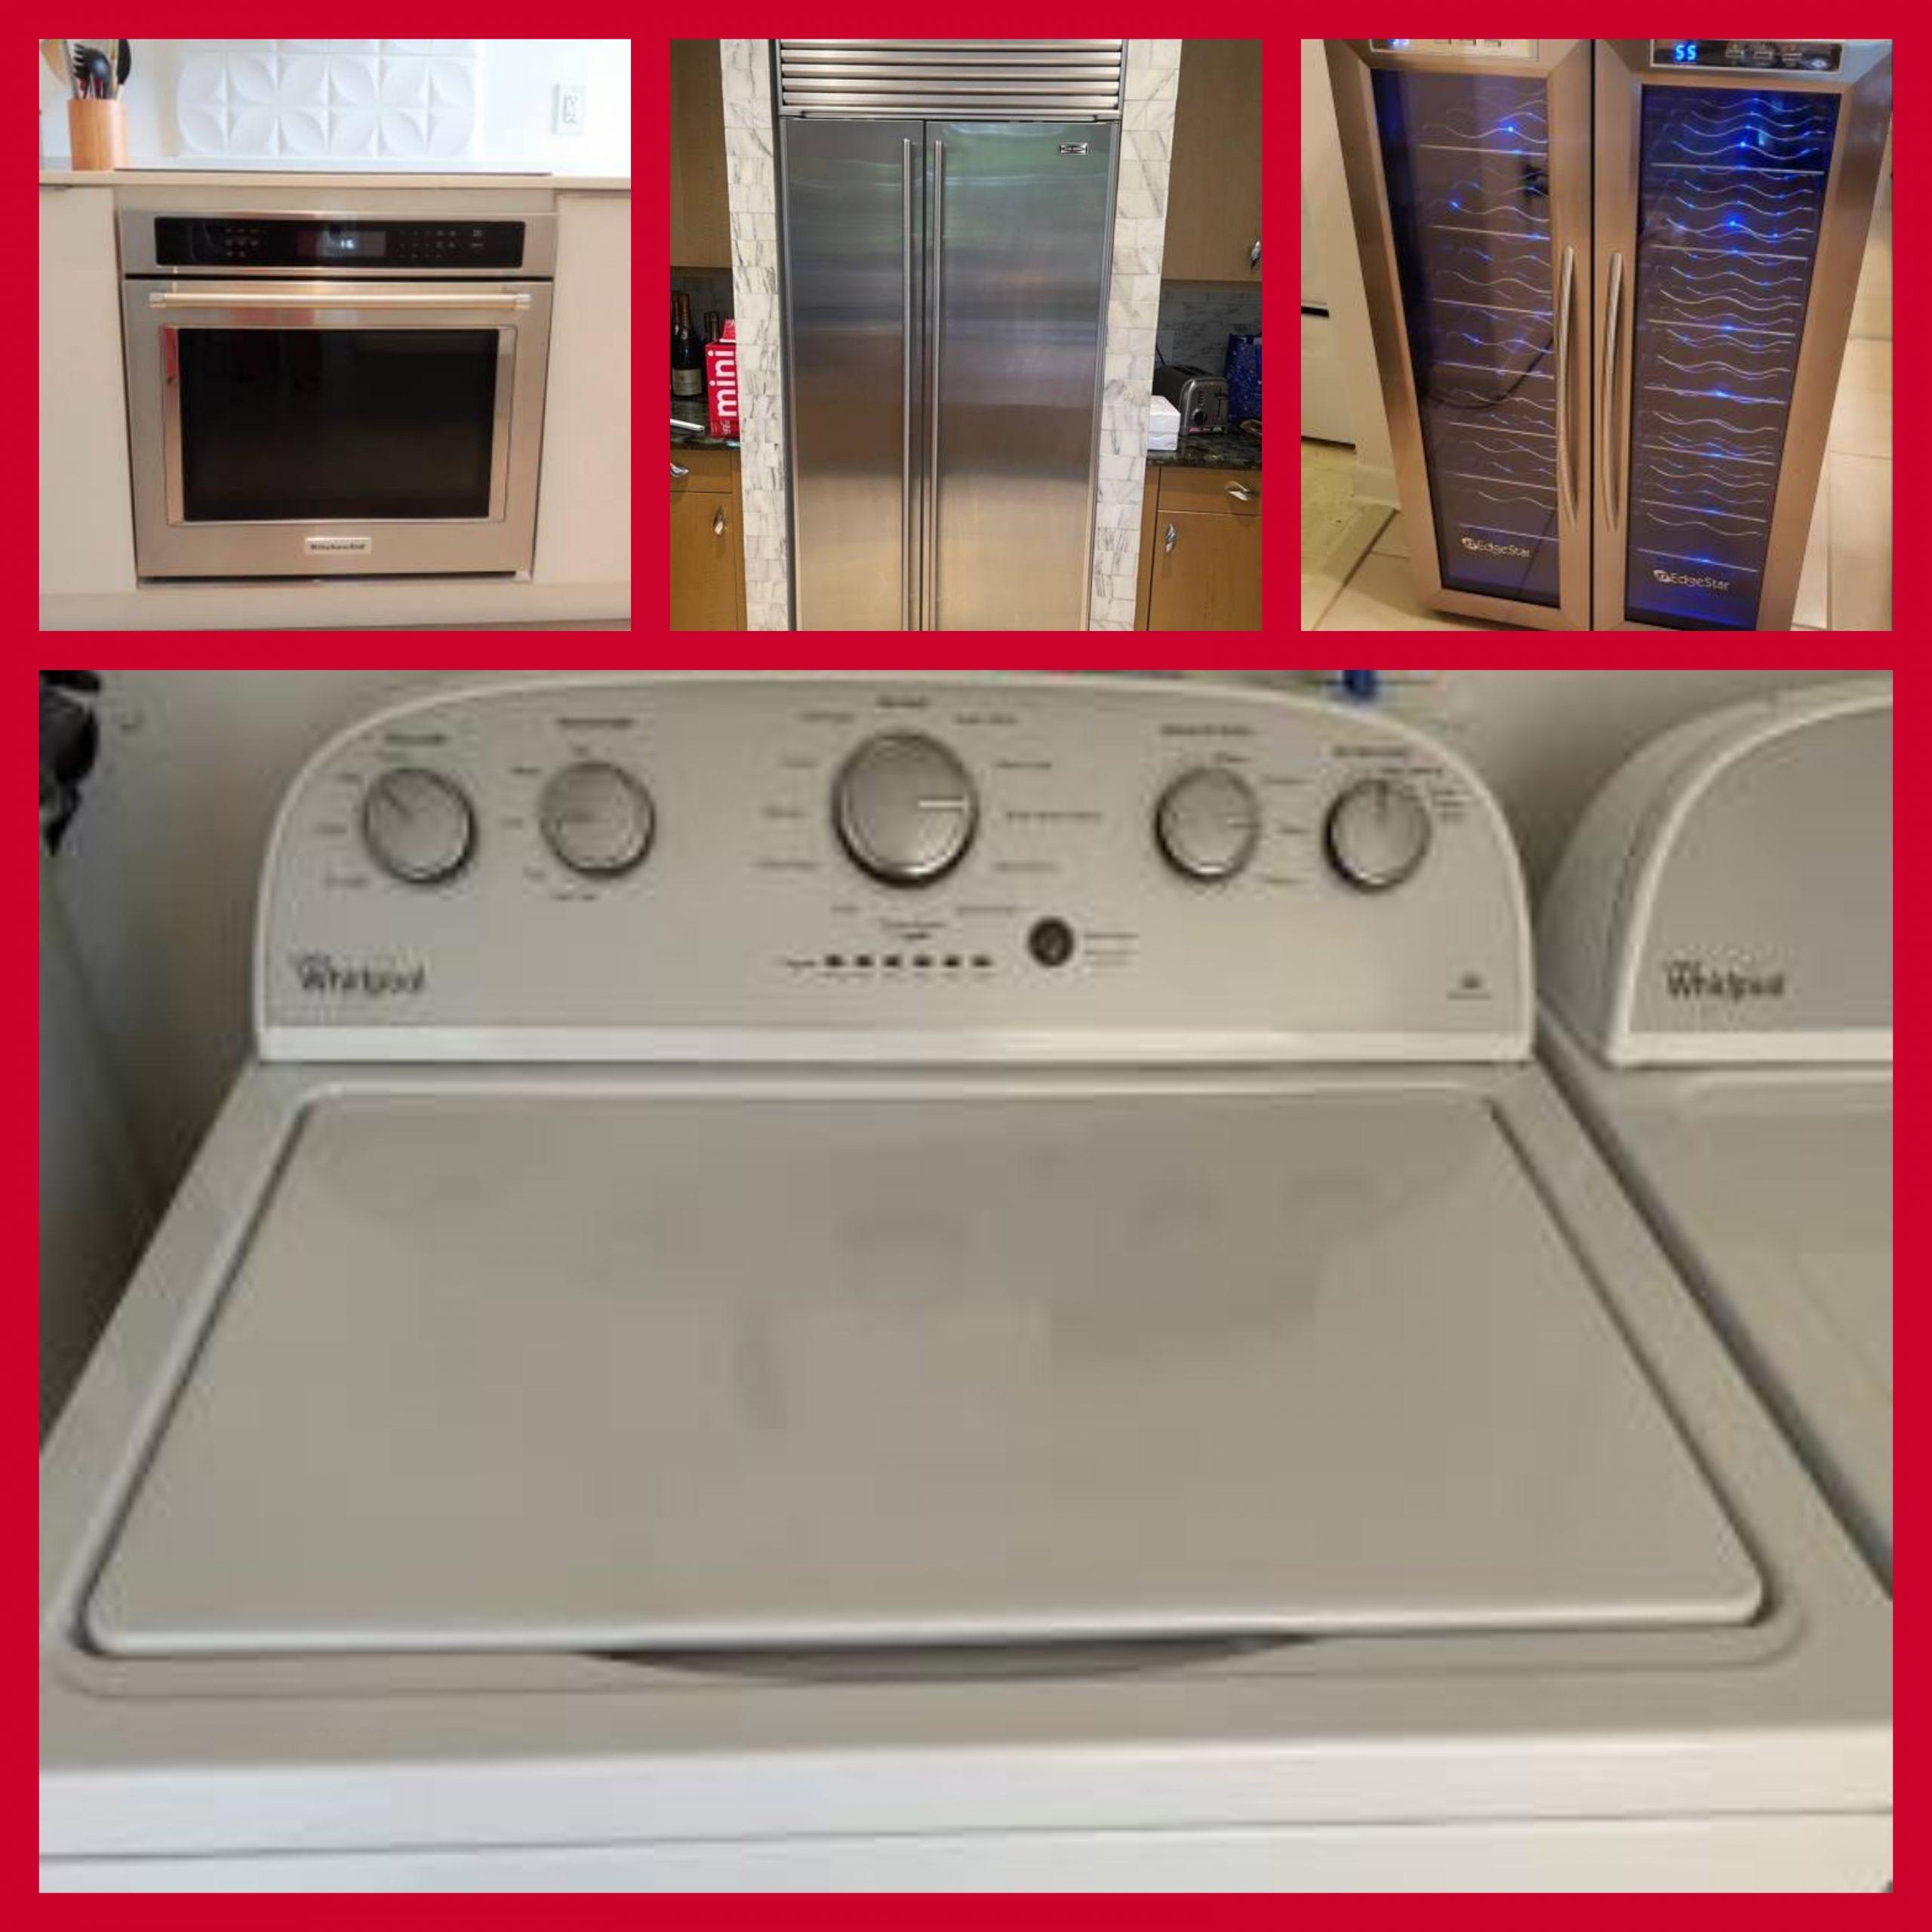 Appliance Repair Service near me